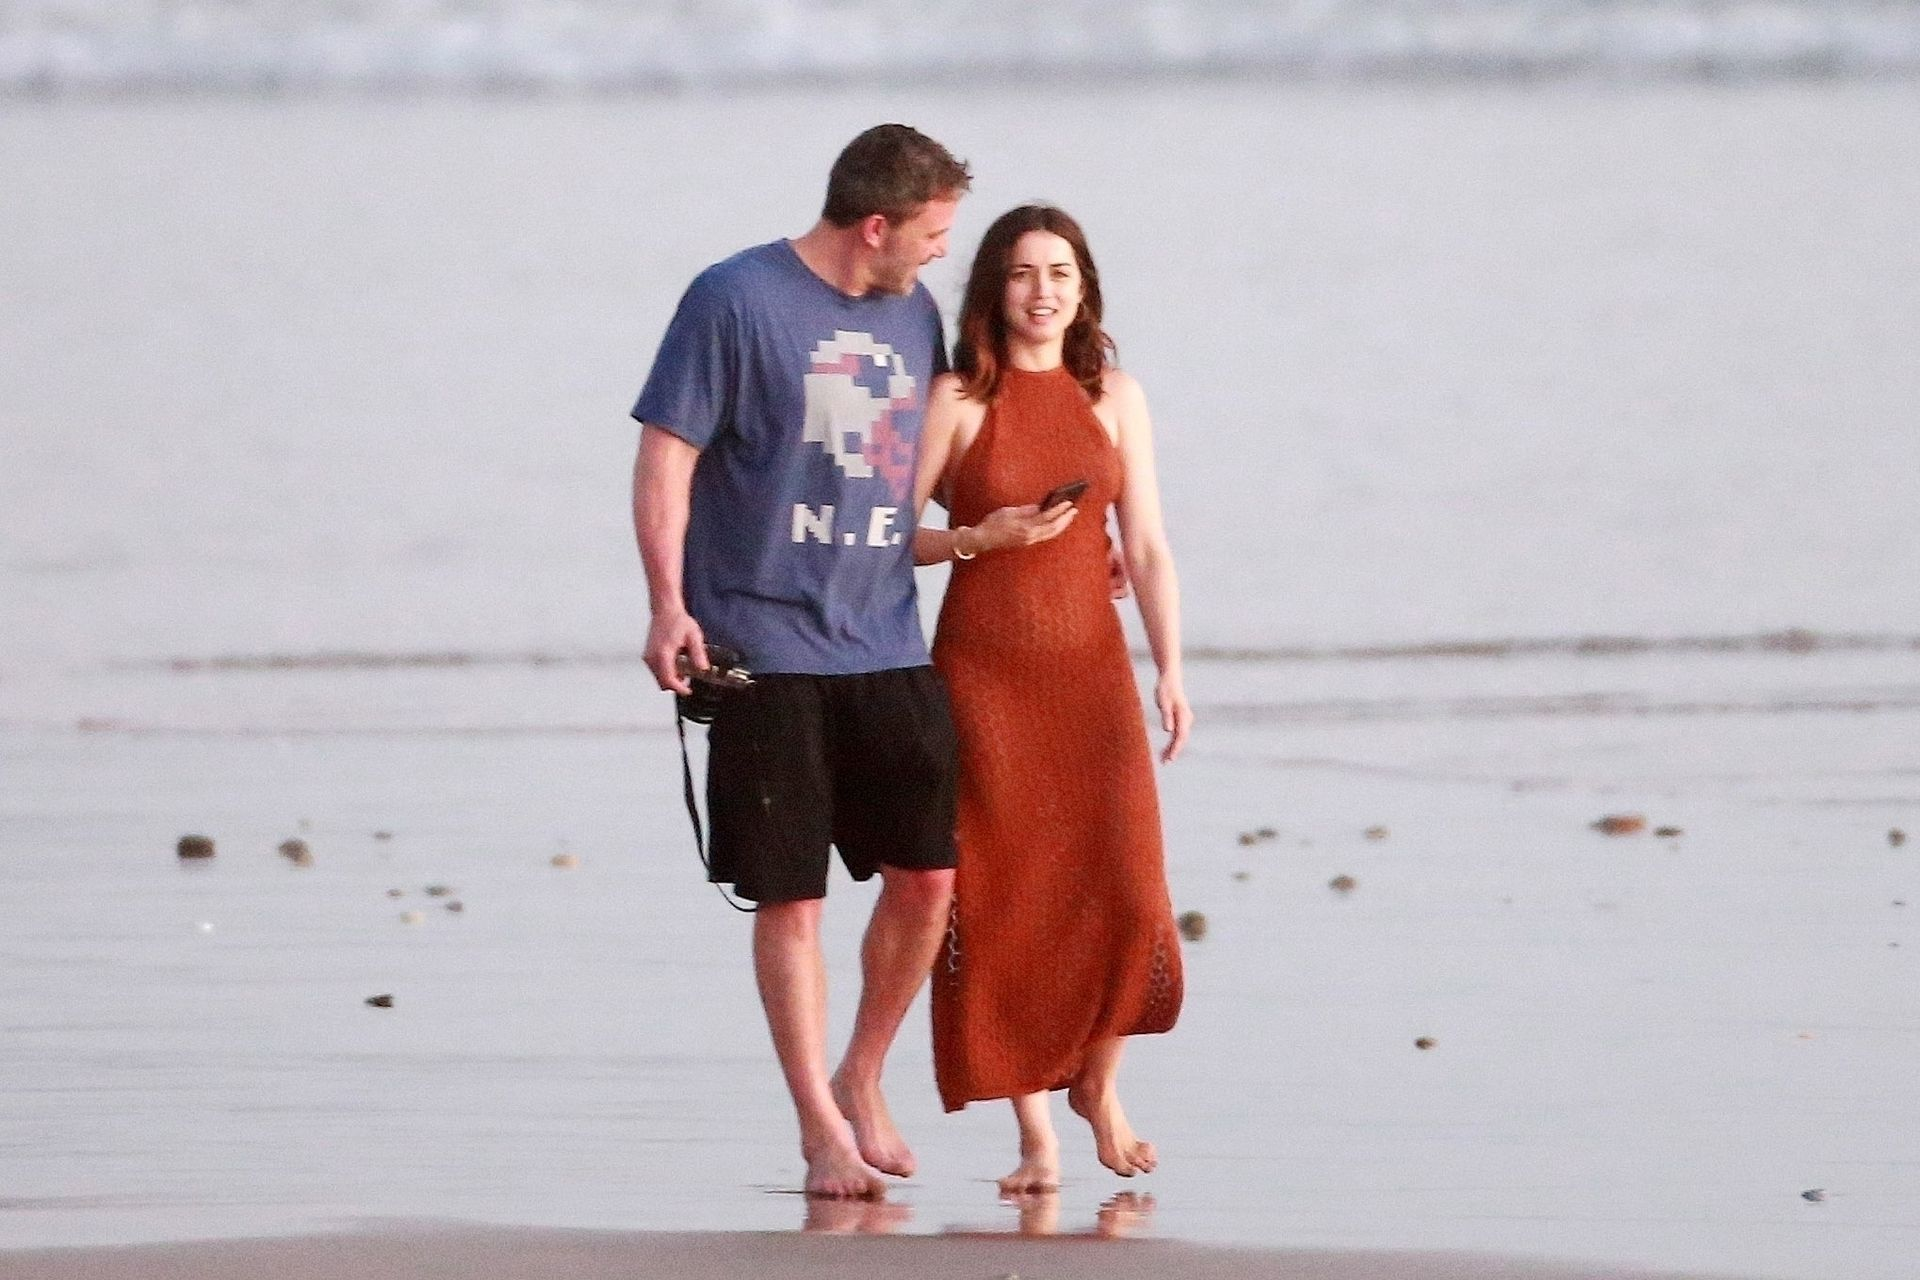 Ben Affleck & Ana De Armas Enjoy A Pda Moment During Romantic Beach Stroll In Costa Rica 0024